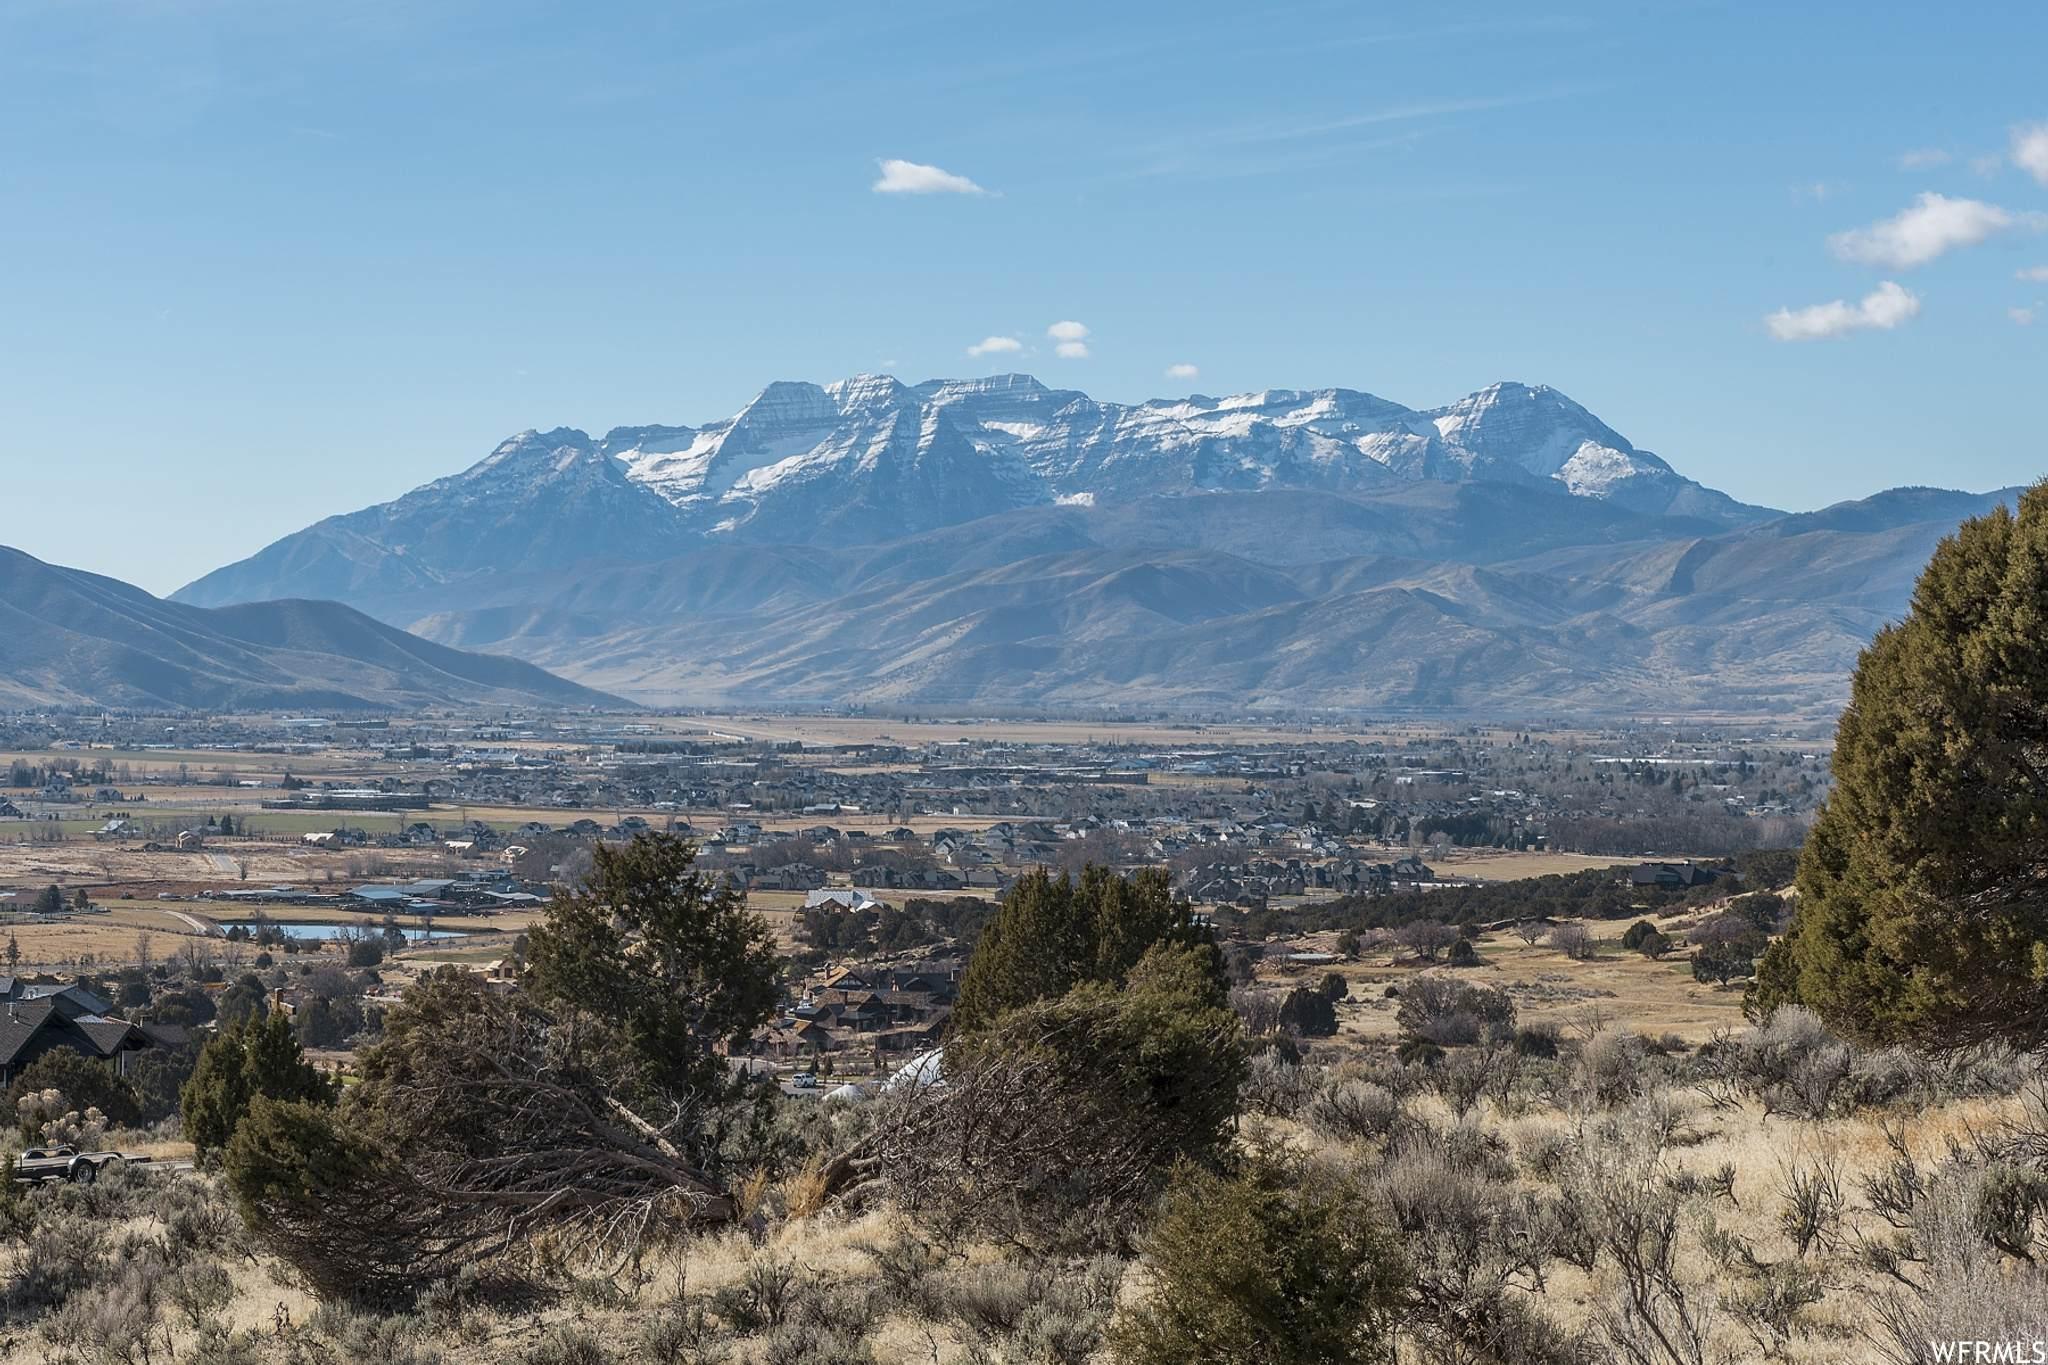 556 N Ibapah Peak Dr, Heber City, UT 84032 (MLS #1650195) :: High Country Properties